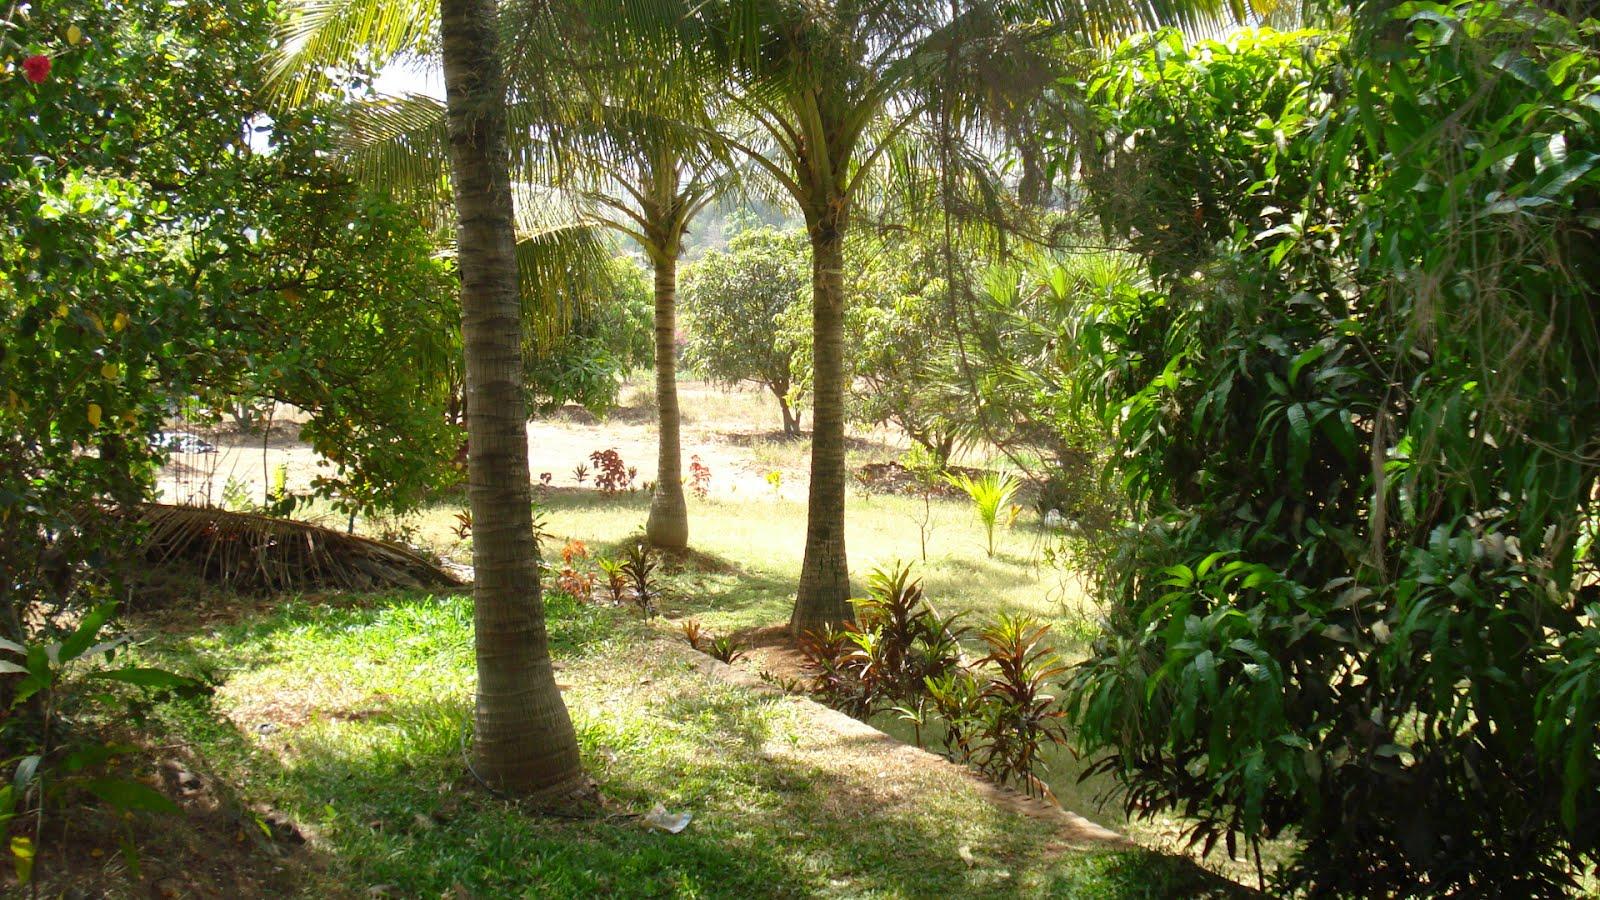 Places Near Mumbai: Rohini farm house at Vasai Virar for Farmhouse In Vasai For Picnic  584dqh